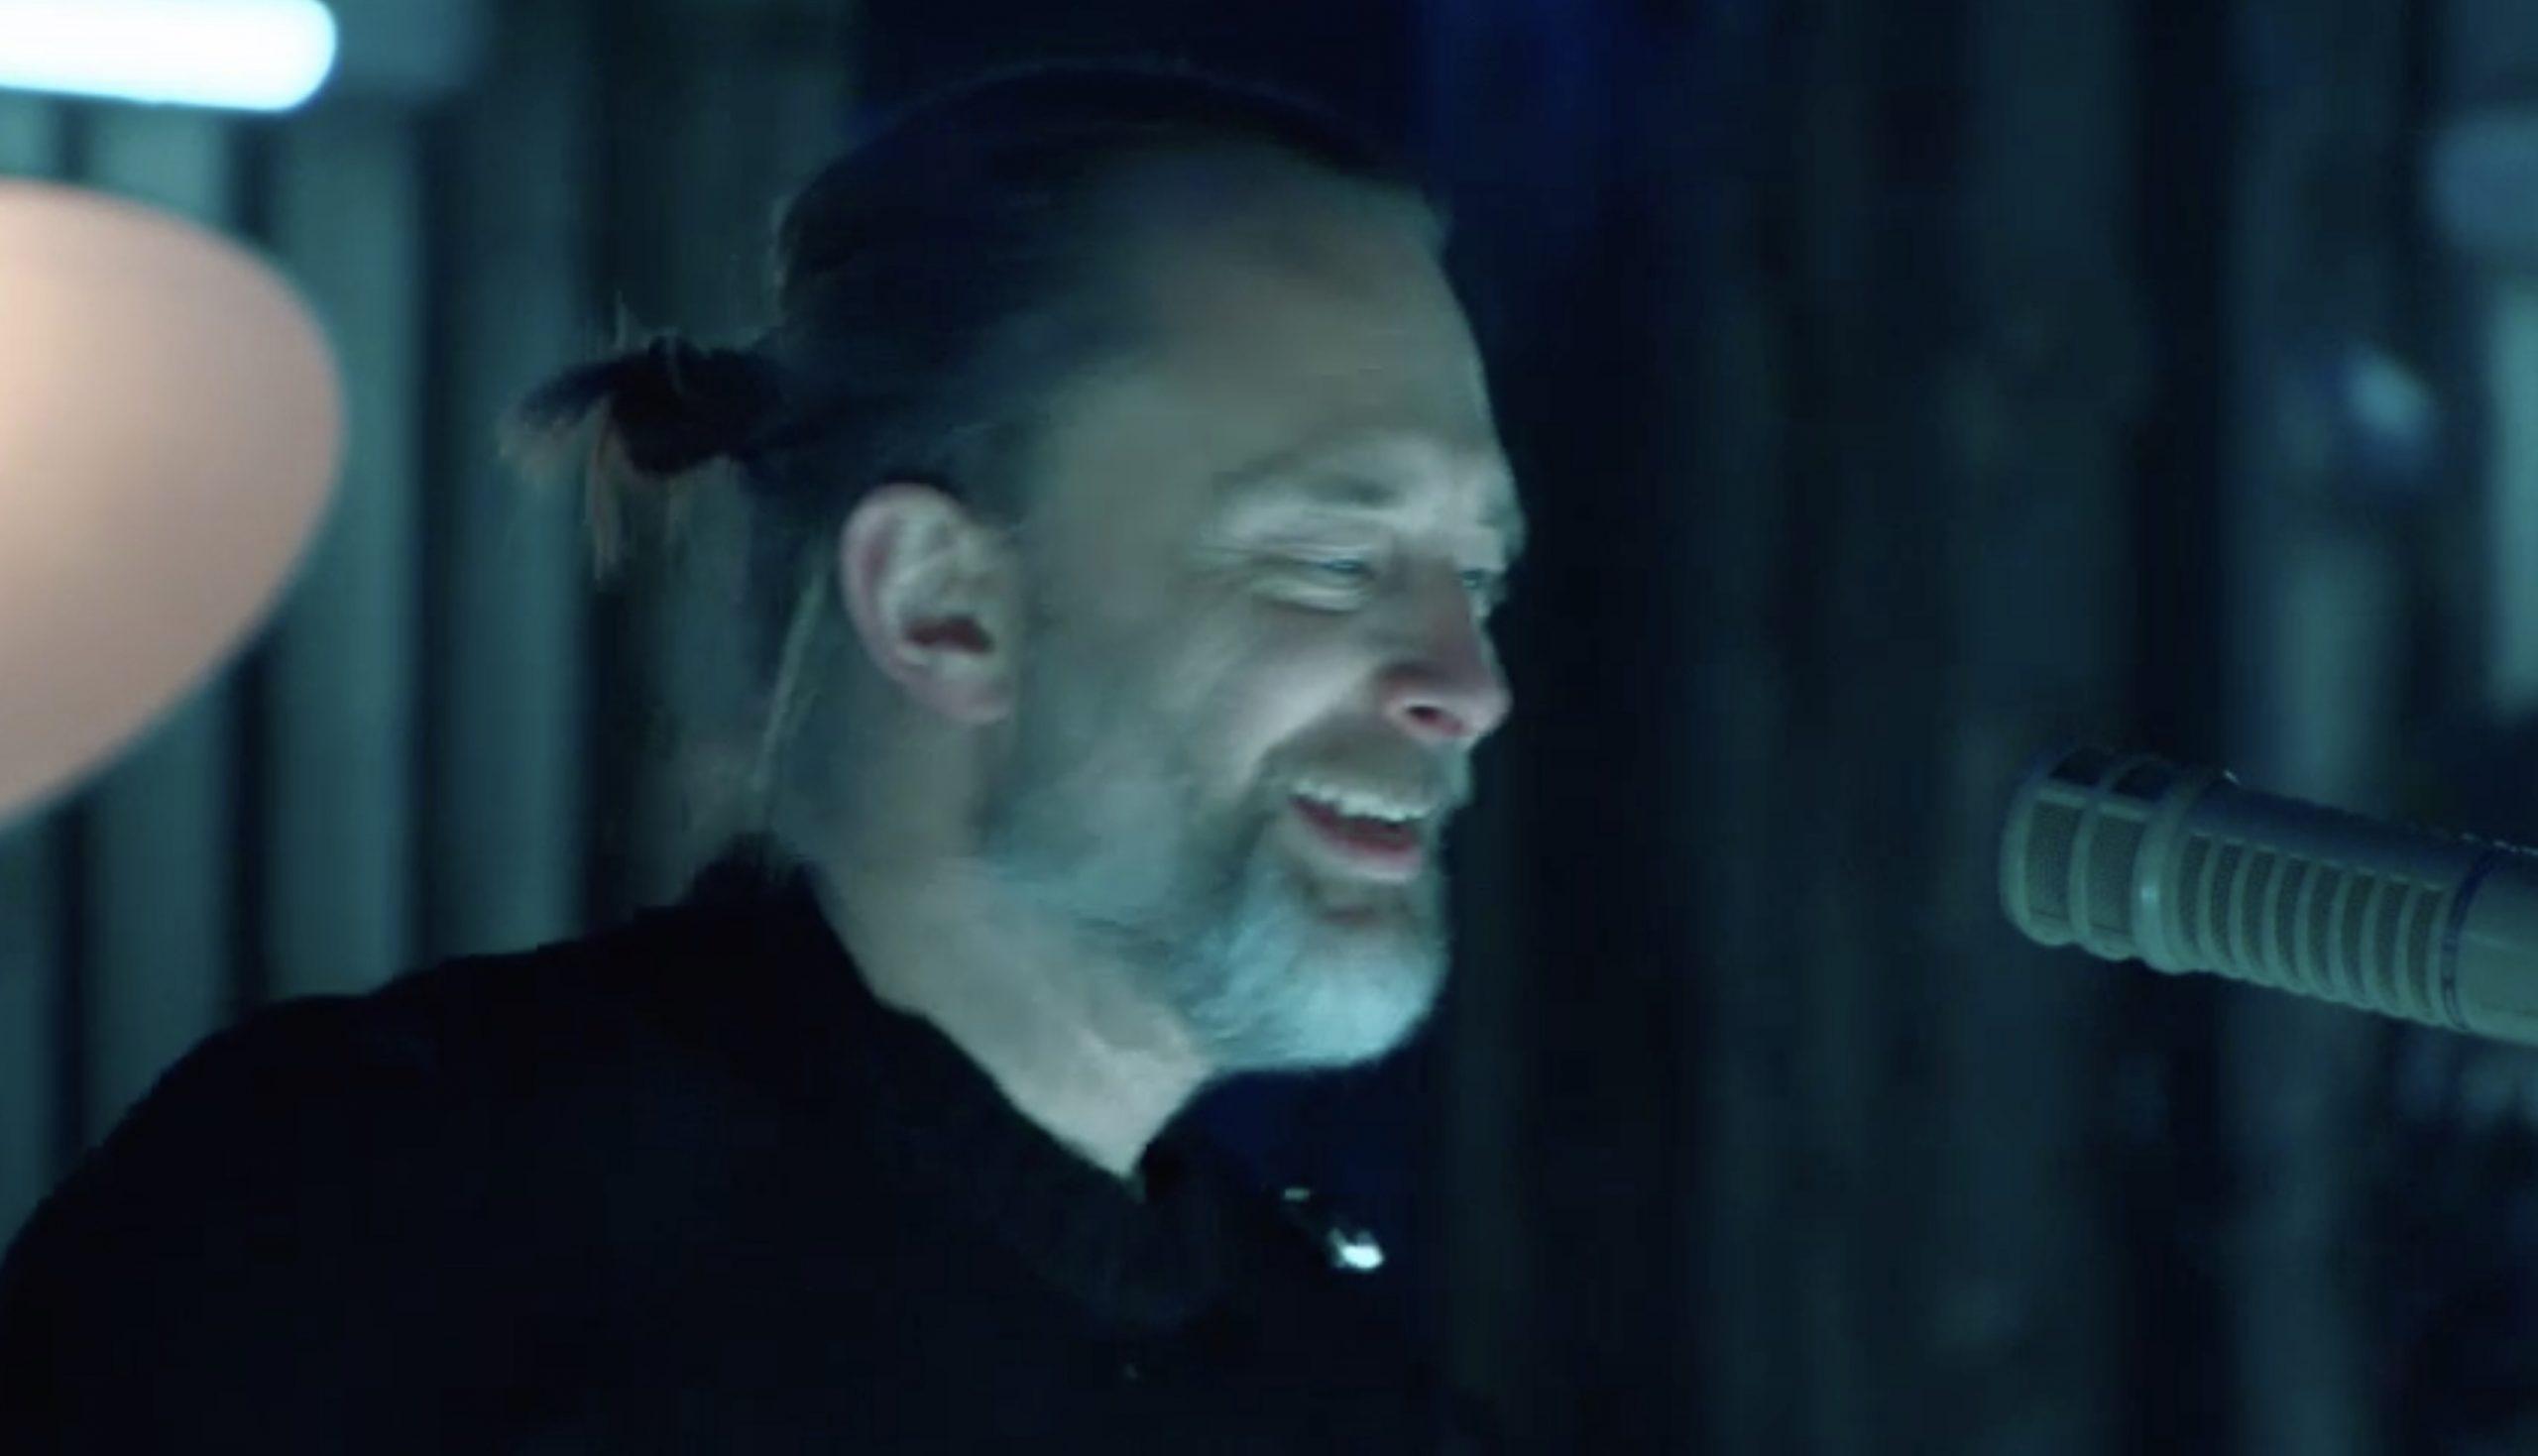 Vea el proyecto lateral de Radiohead, The Smile, interprete la nueva canción 'We Don't Know What Tomorrow Brings'